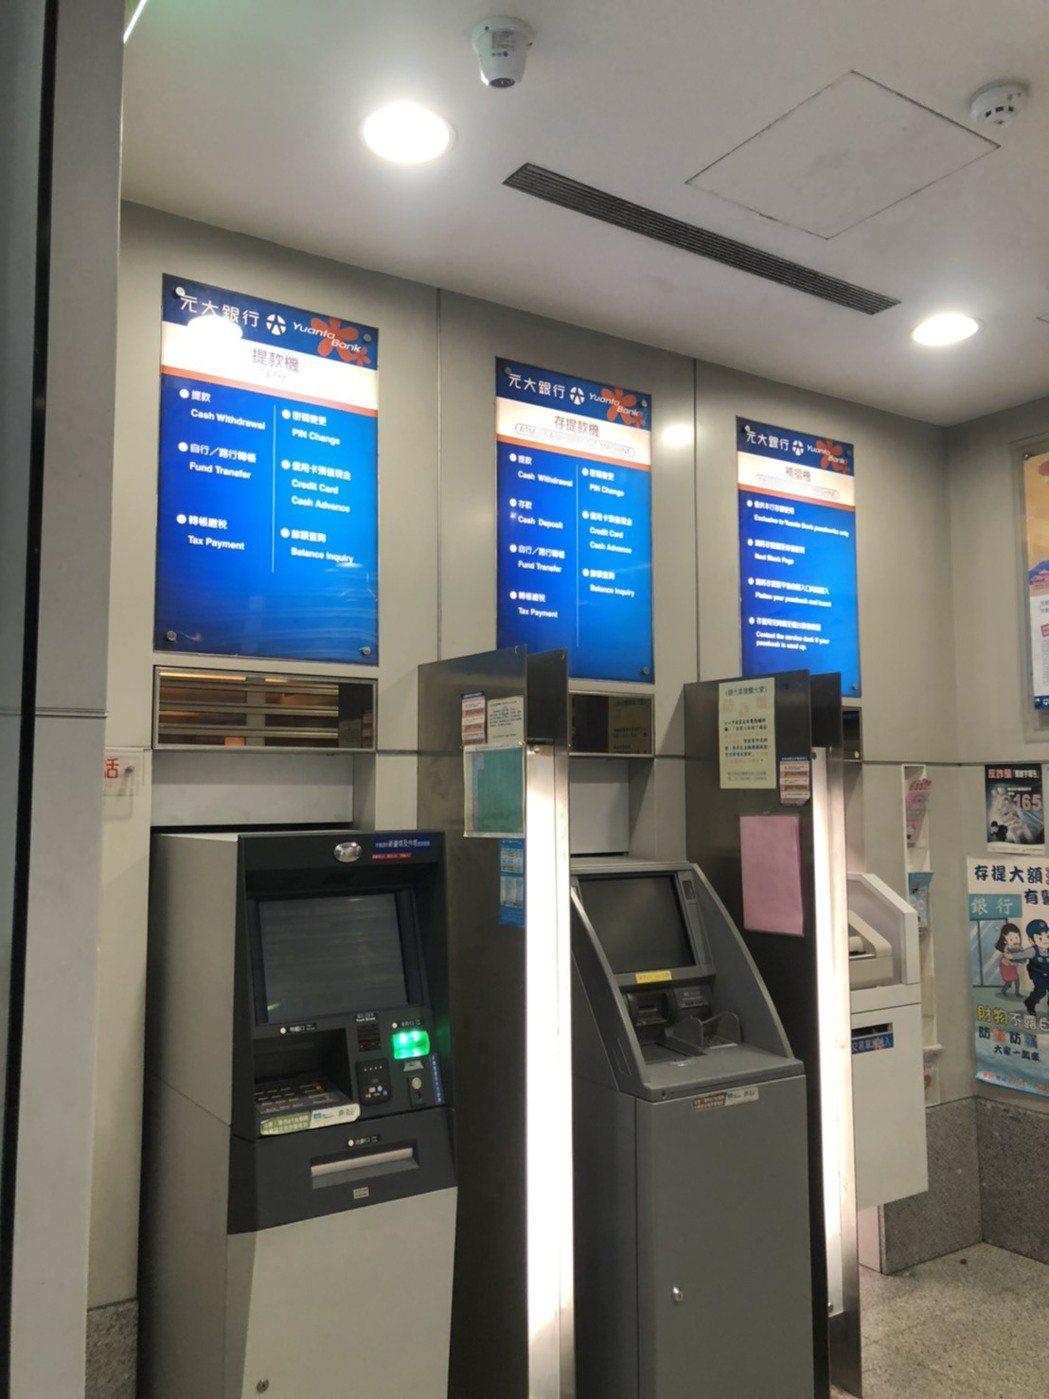 為節能減碳,元大銀行ATM自動提款機區域全面更換LED燈具。元大金控/提供